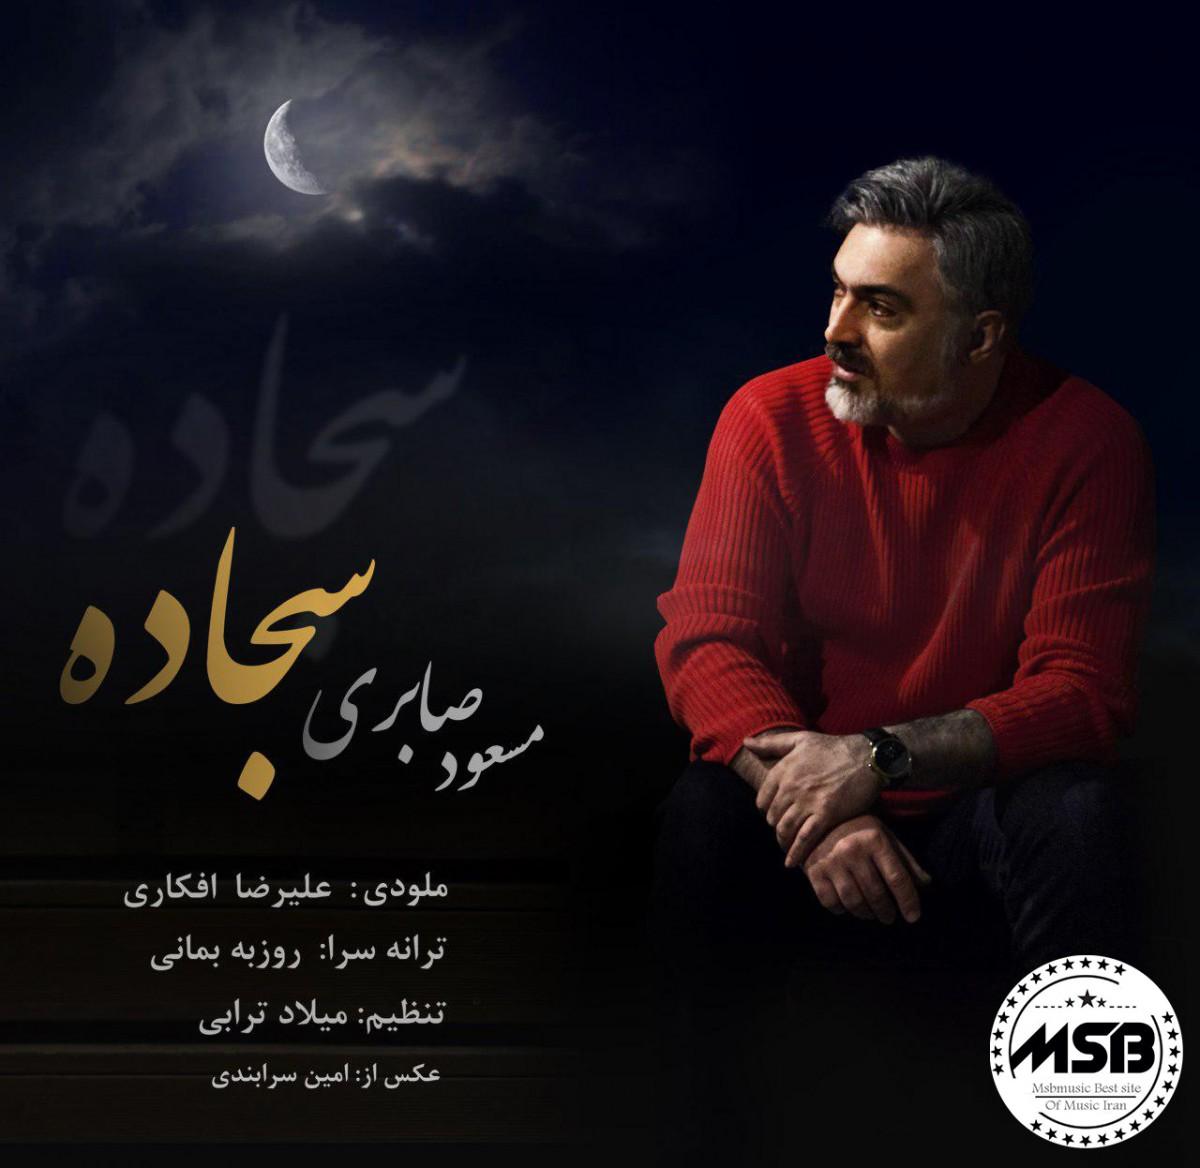 دانلود آهنگ مسعود صابری بنام سجاده